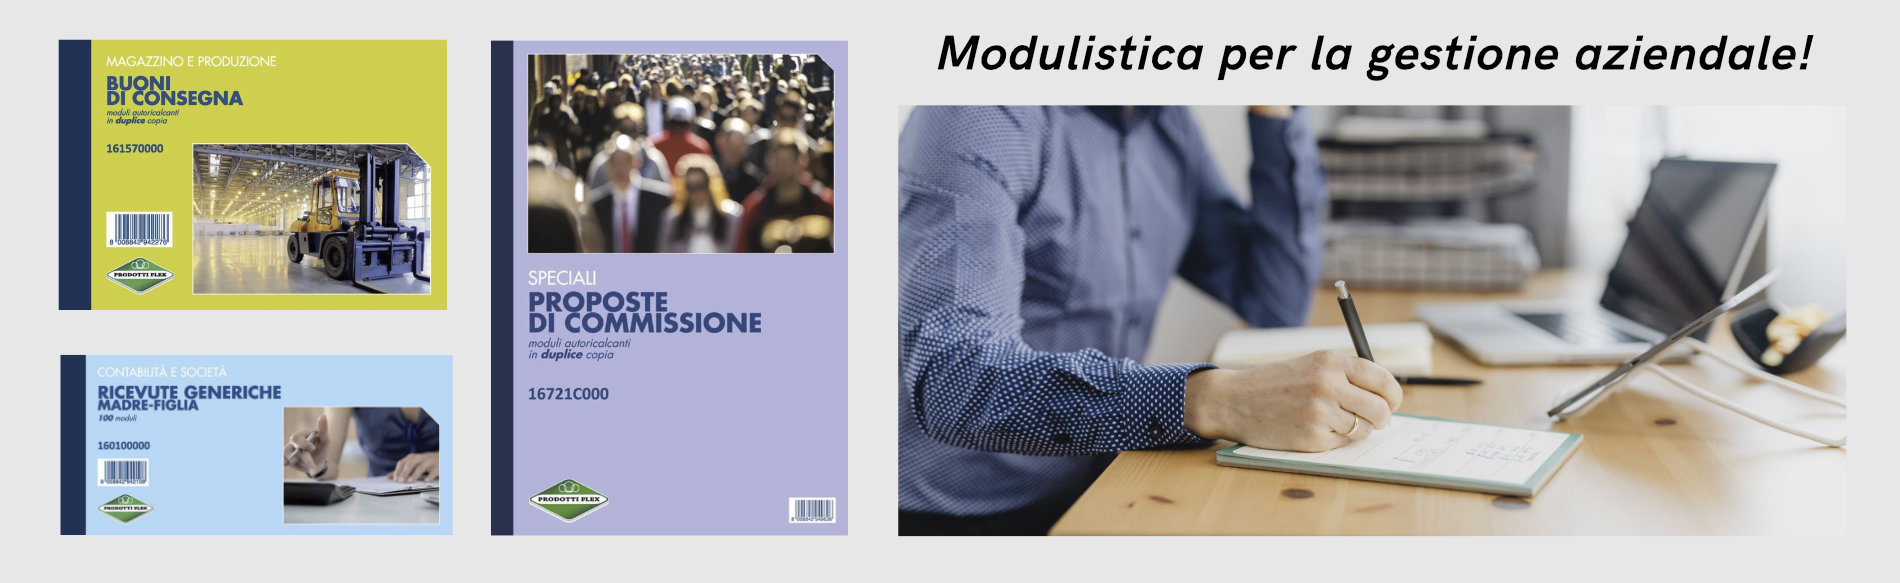 modulistica per ufficio